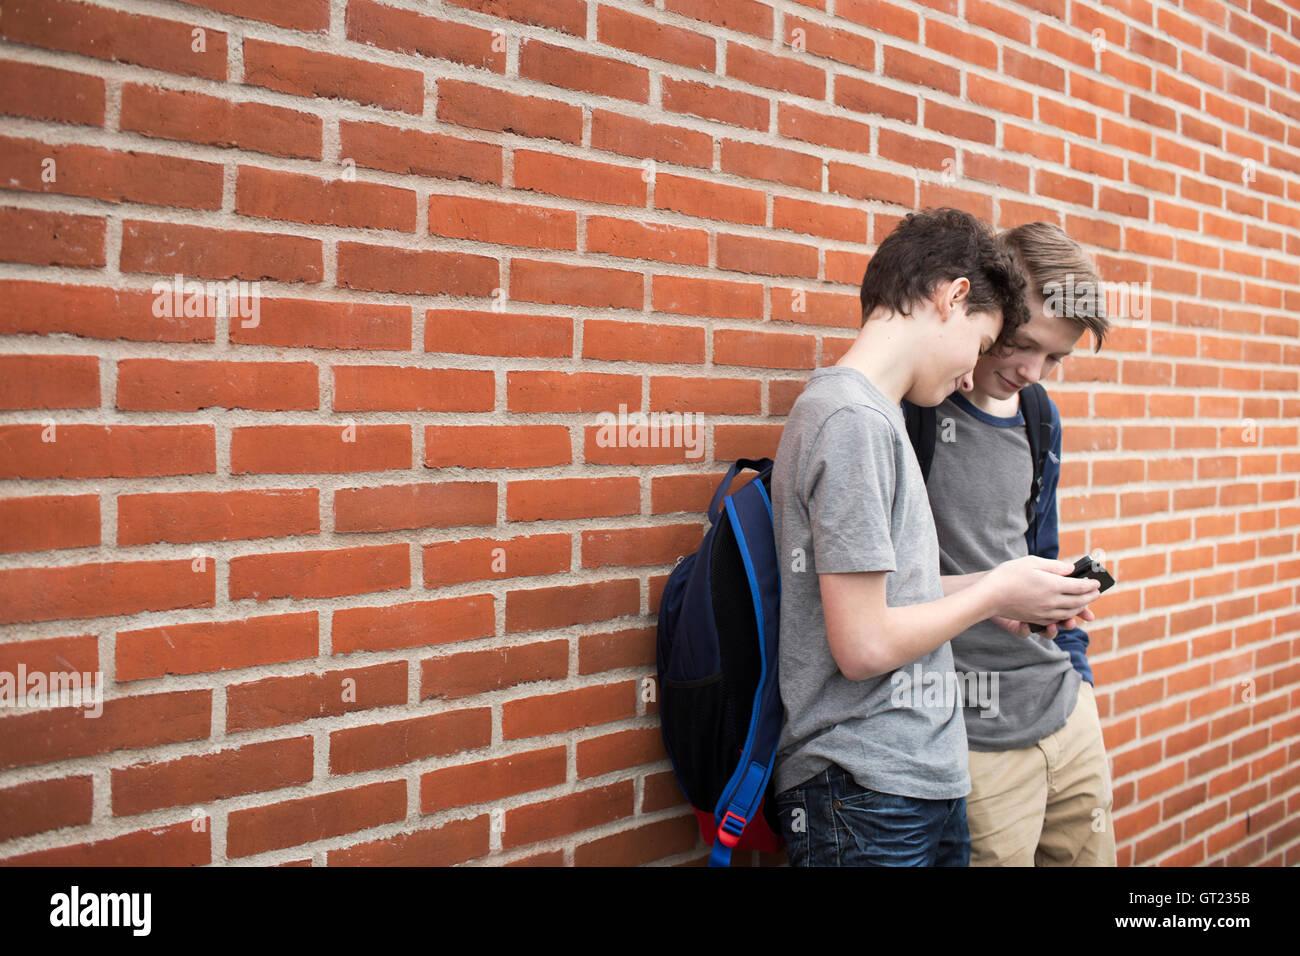 Los colegiales (12-13) con el teléfono móvil en la parte delantera del edificio Foto de stock